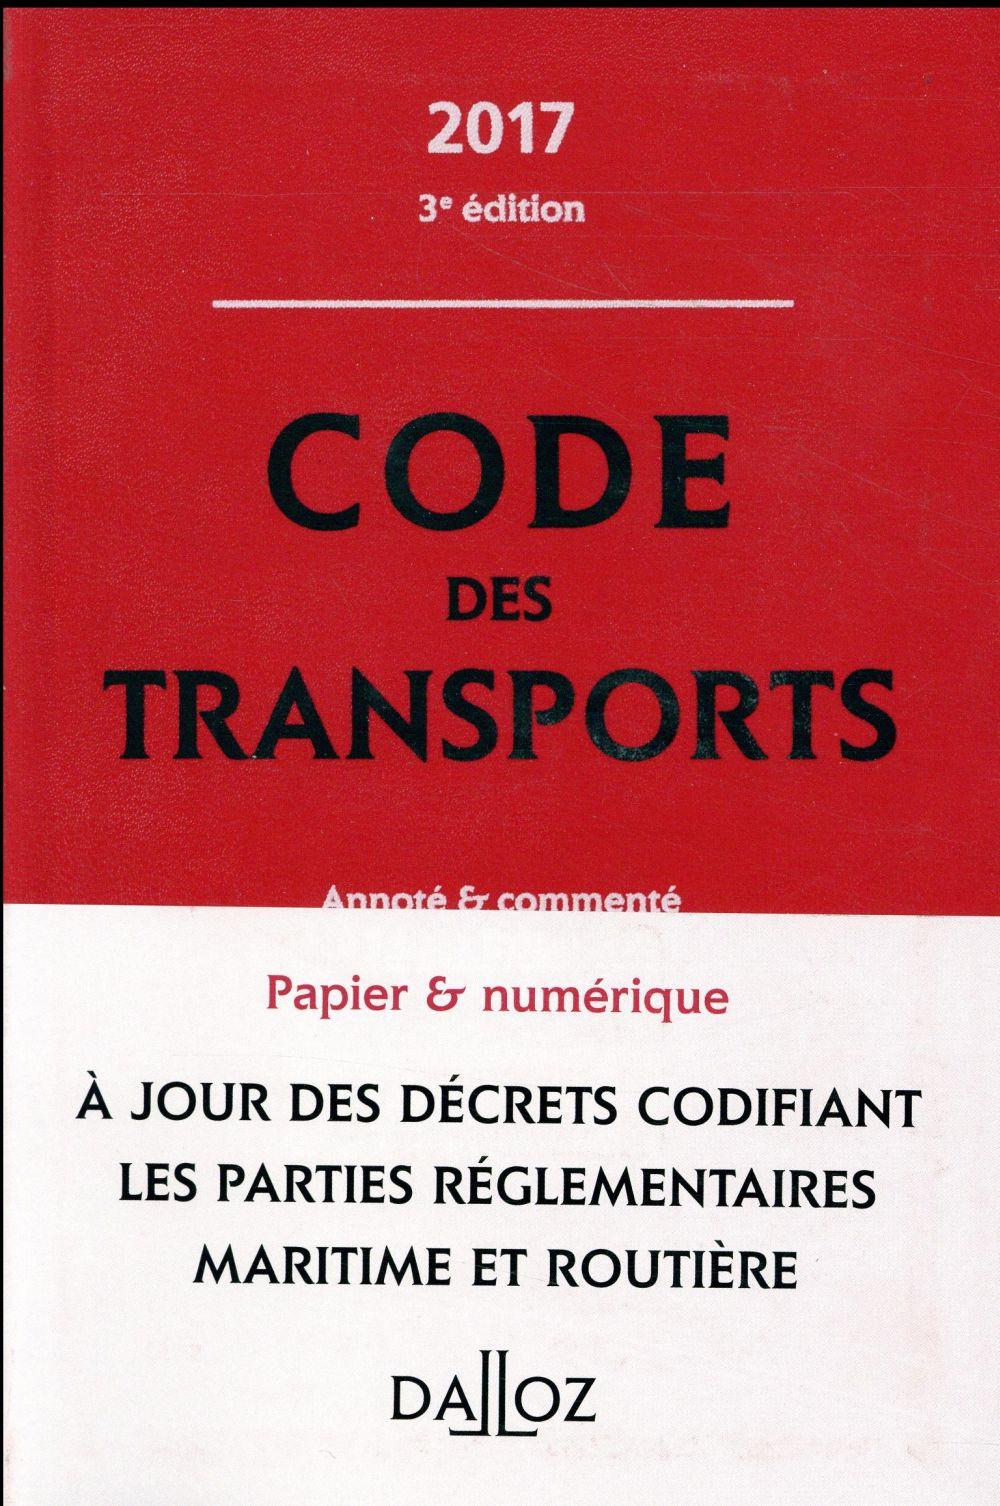 Code des transports ; annoté et commenté (édition 2017)